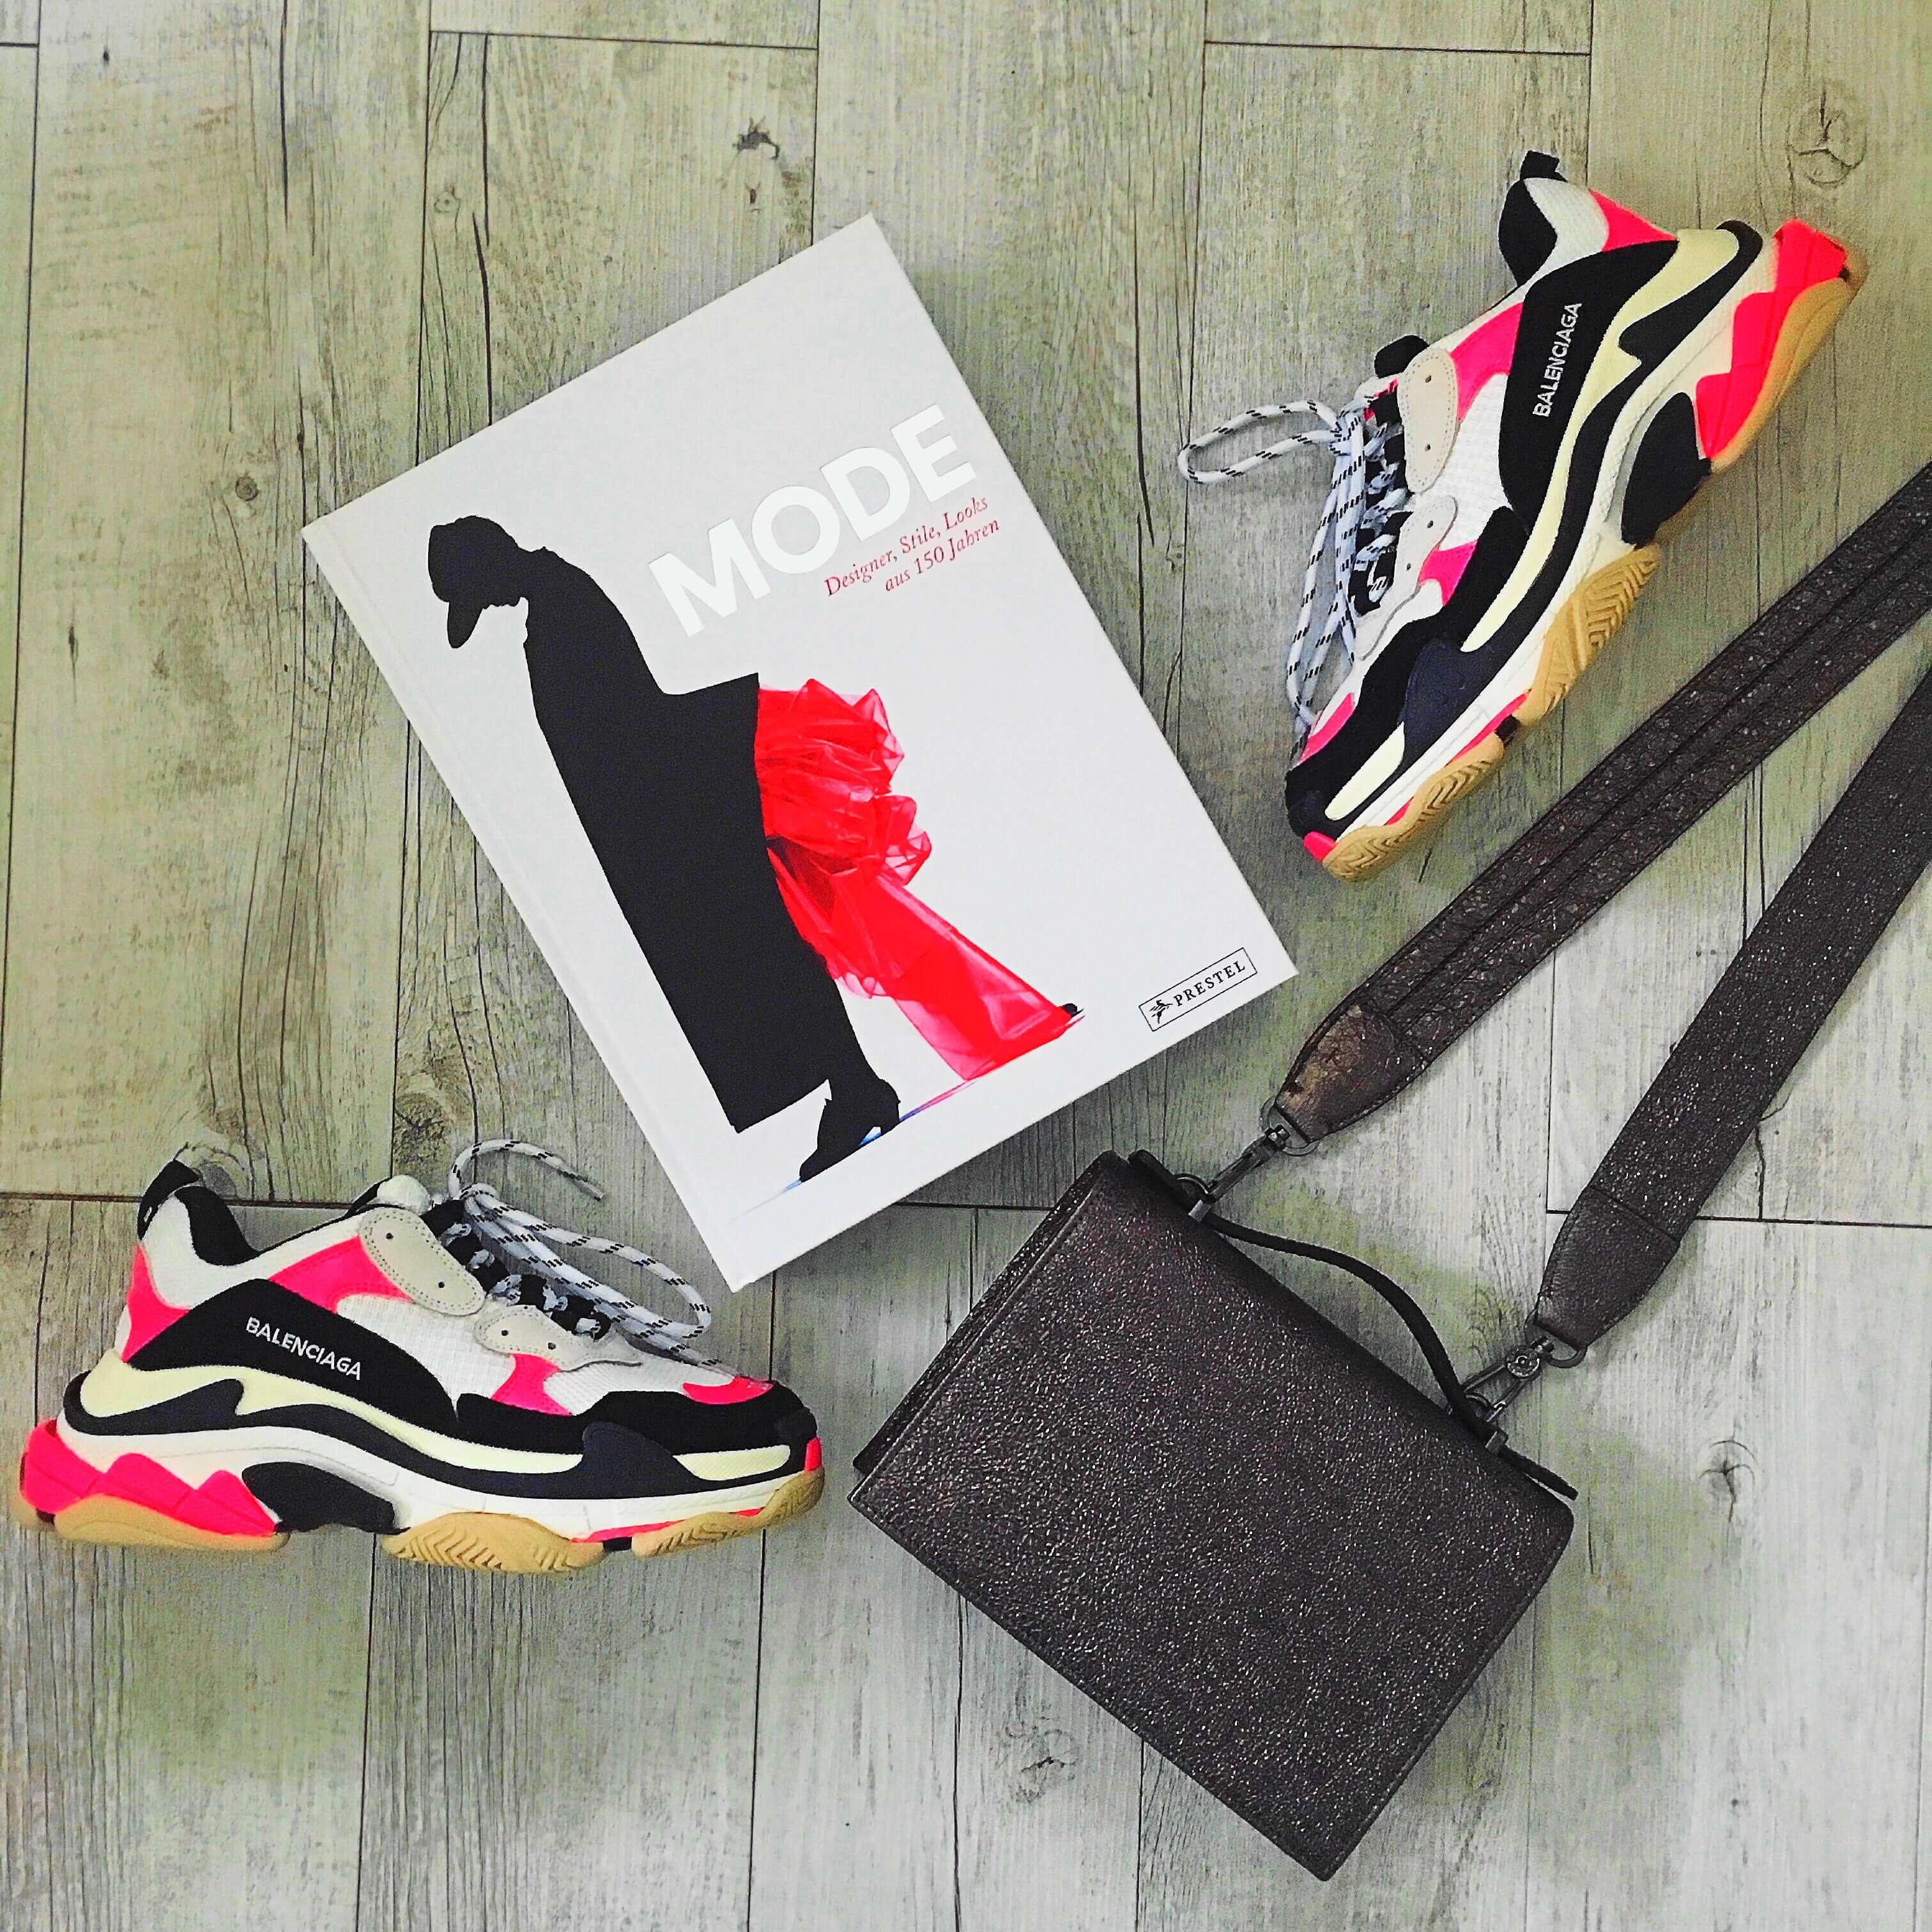 """Heute stelle ich euch den für jede Fashionista unverzichtbaren Bildband """"Mode - Designer, Stile, Looks aus 150 Jahren"""" von Arianna Piazza auf dem Blog vor"""